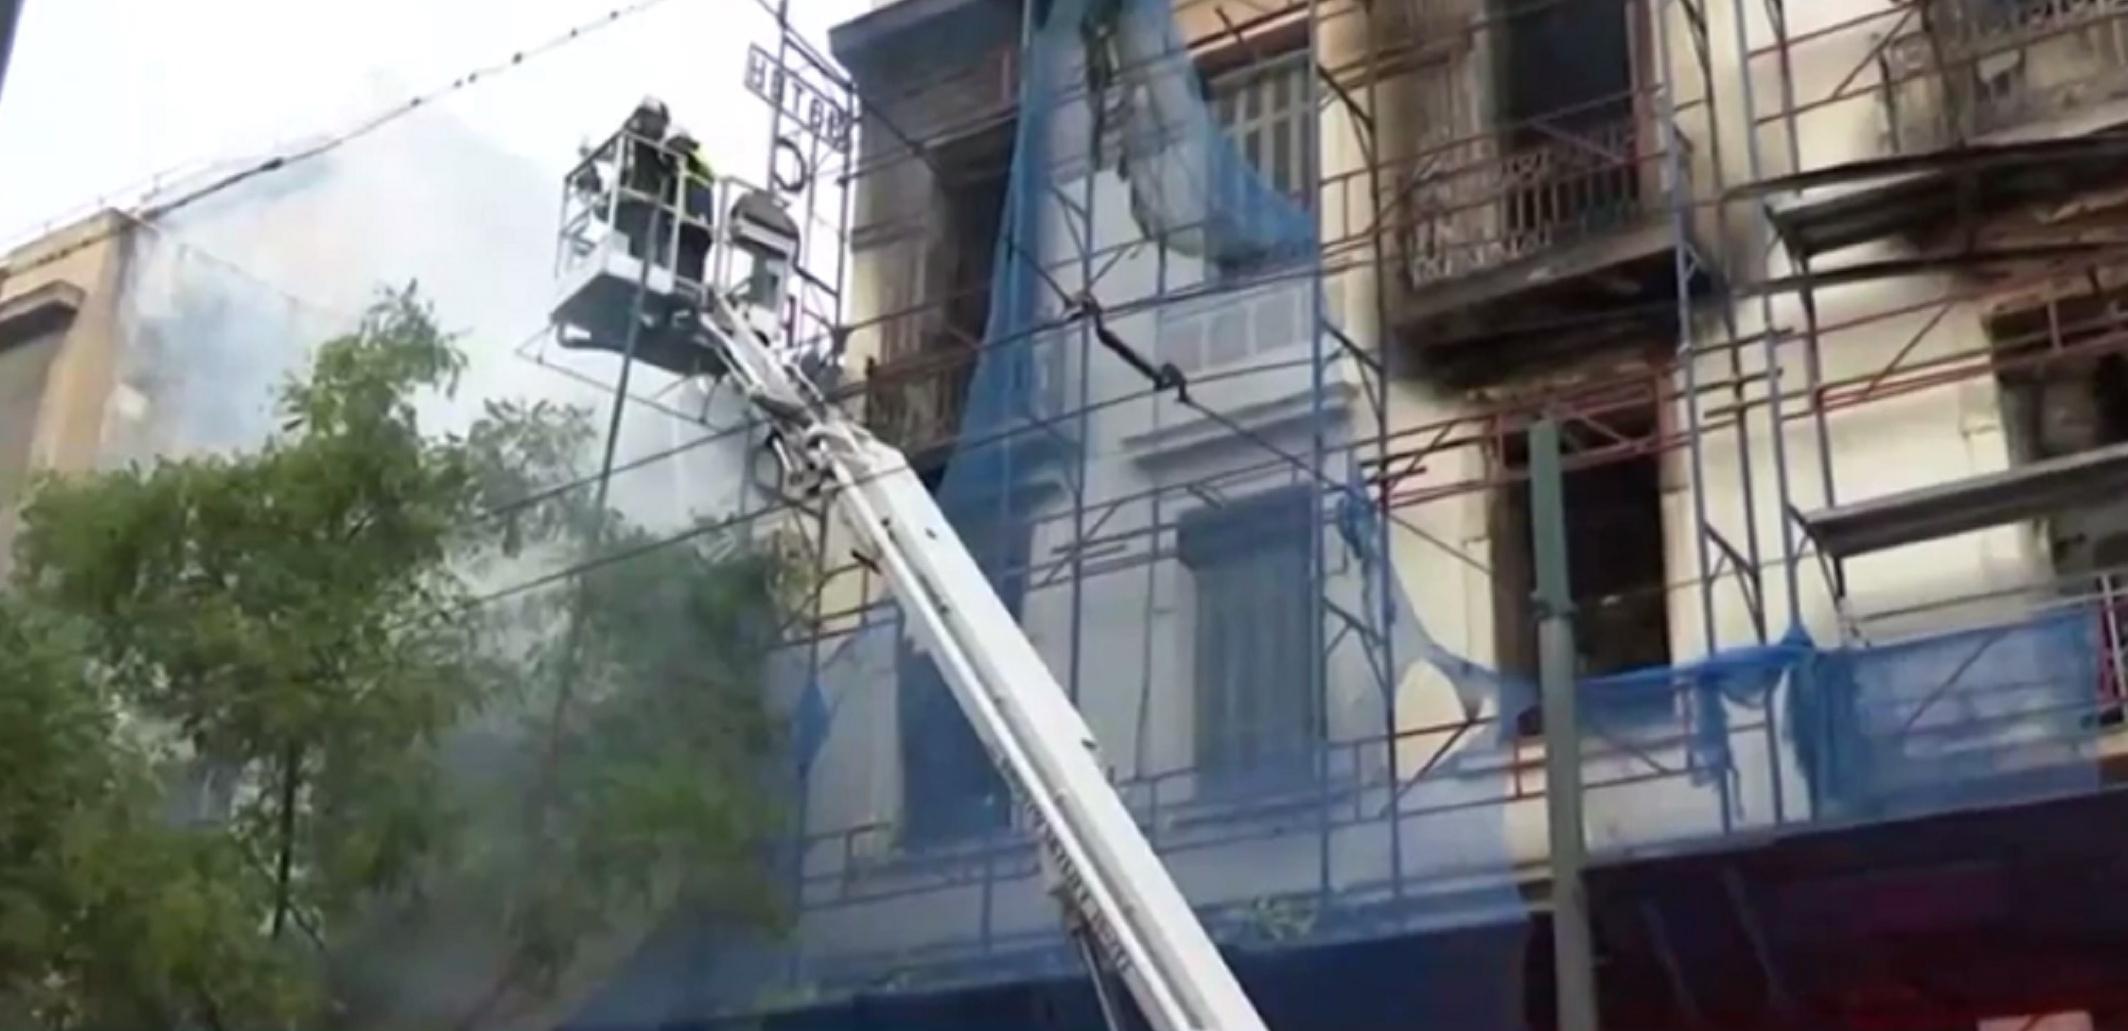 Φωτιά σε νεοκλασικό κτίριο στον Κολωνό – Λαμπάδιασε και το διπλανό κτίριο